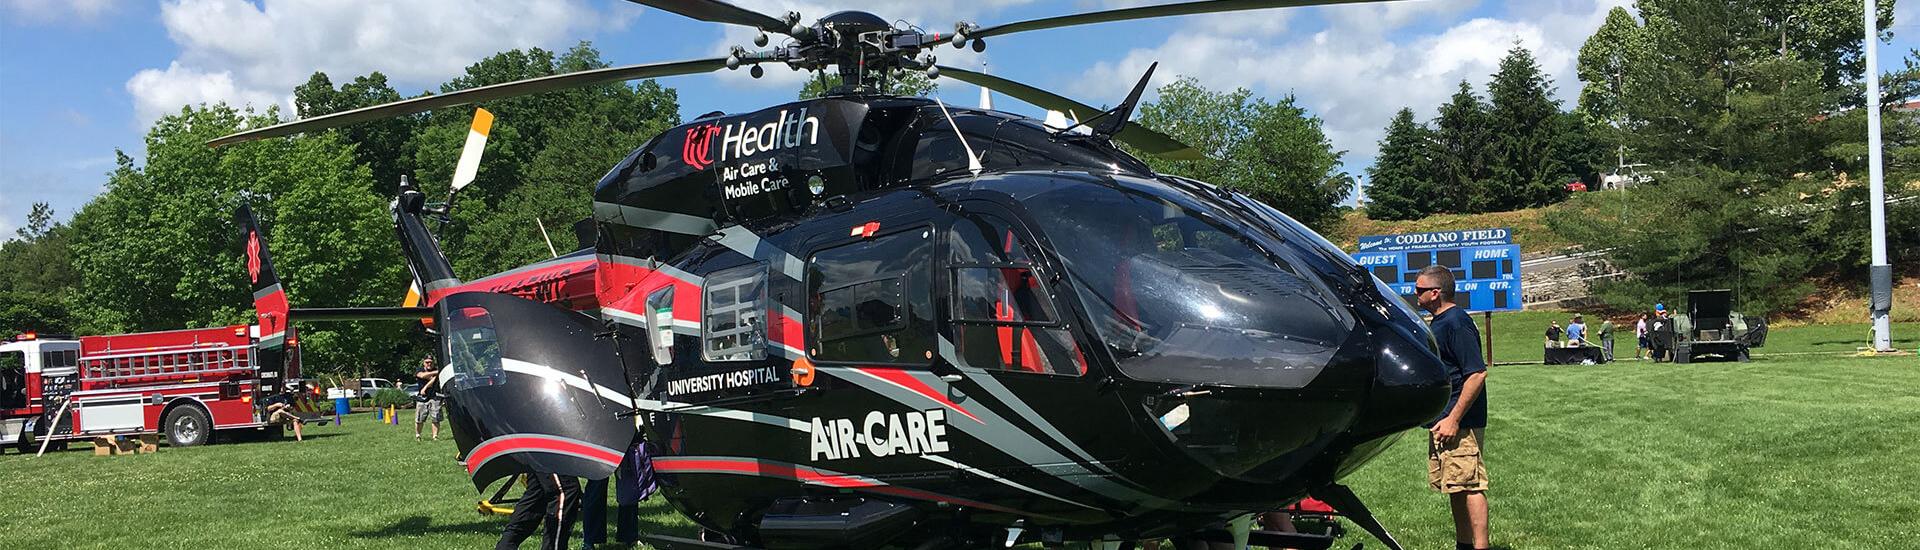 uc-aircare